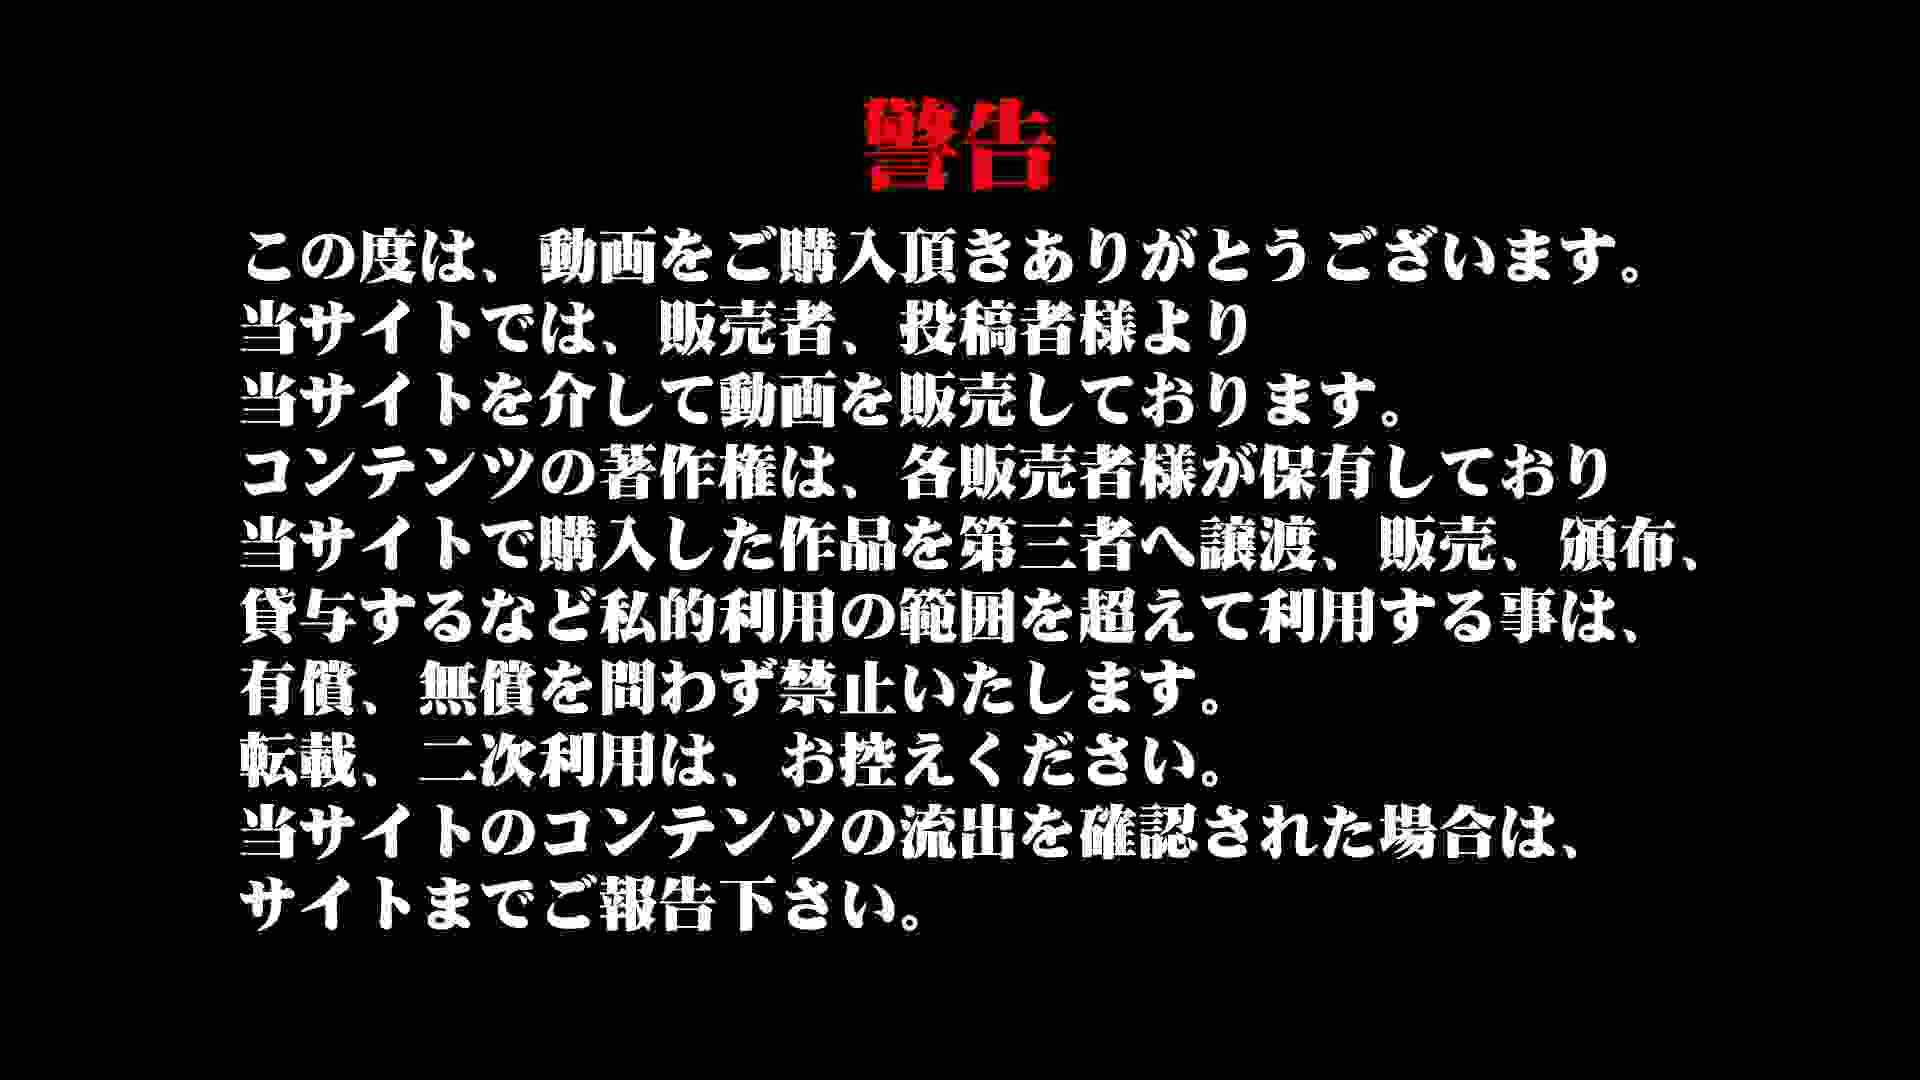 Aquaな露天風呂Vol.906 盗撮 オメコ動画キャプチャ 29PICs 2